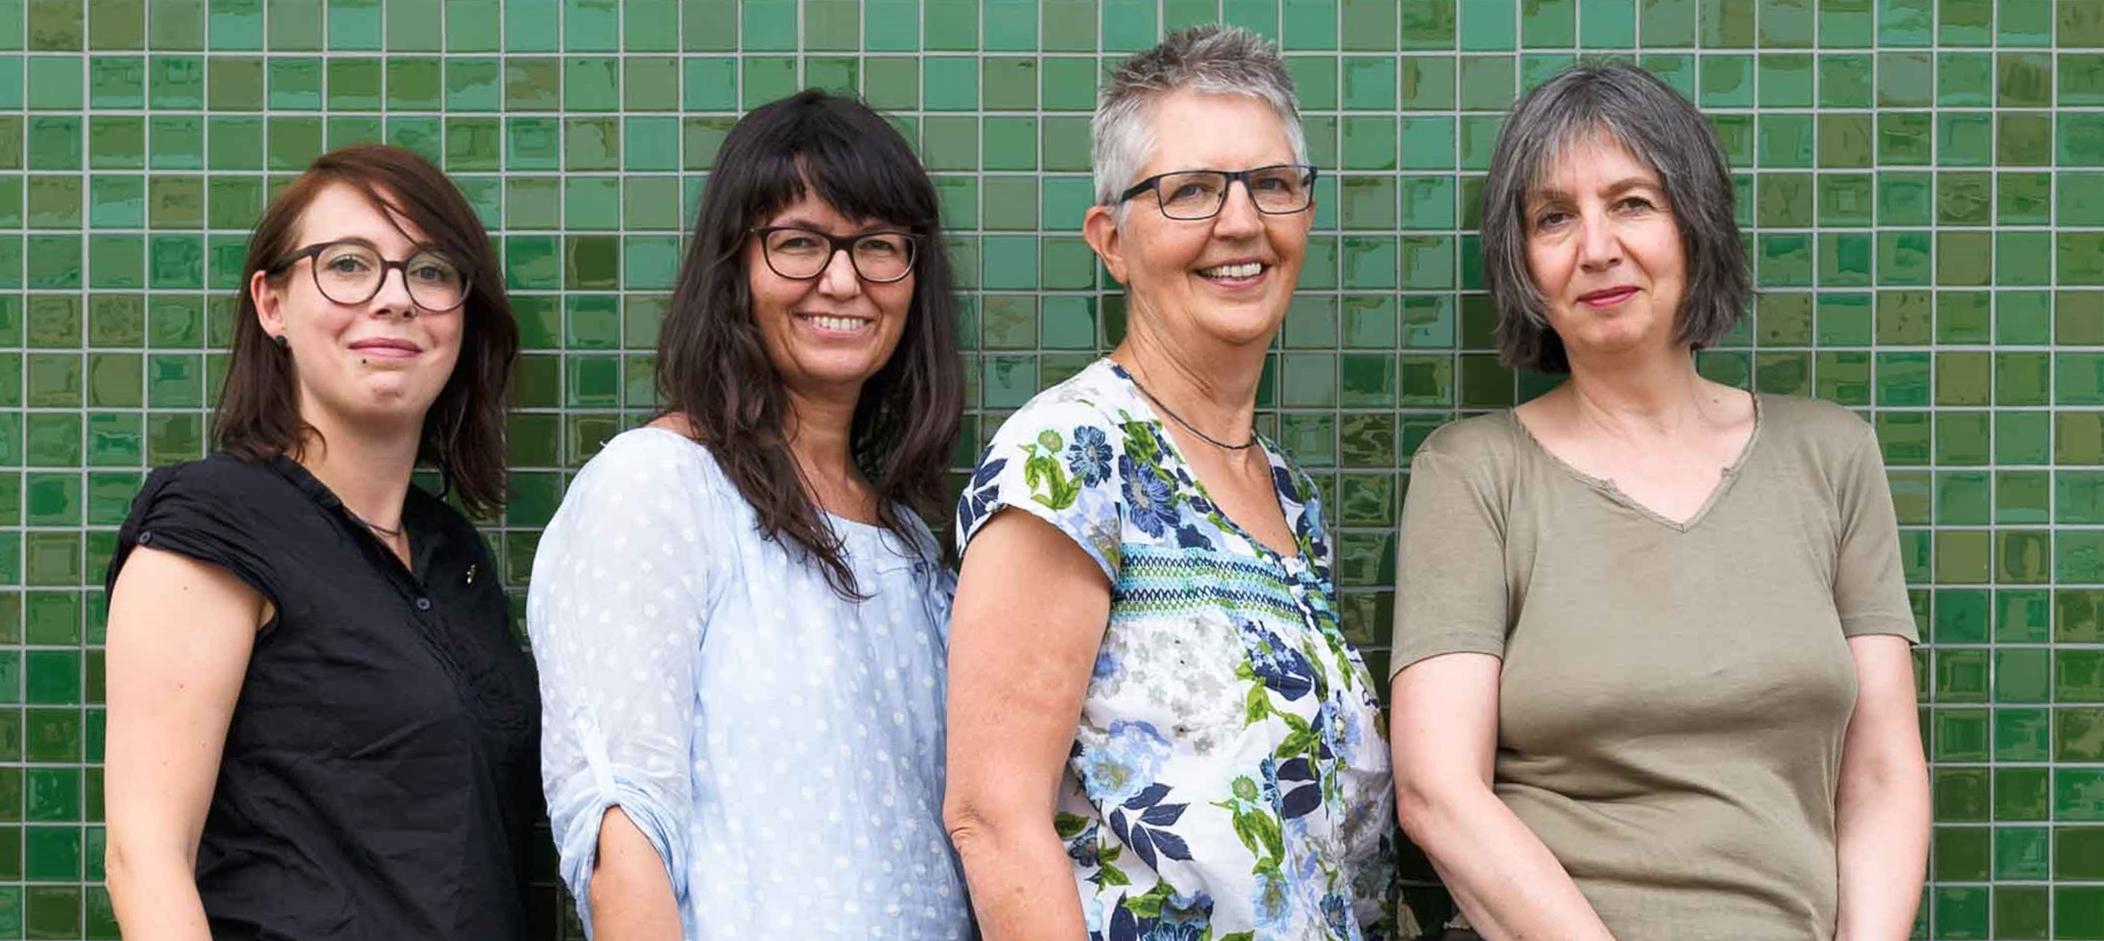 Vier Frauen des Teams Wiese e.V.